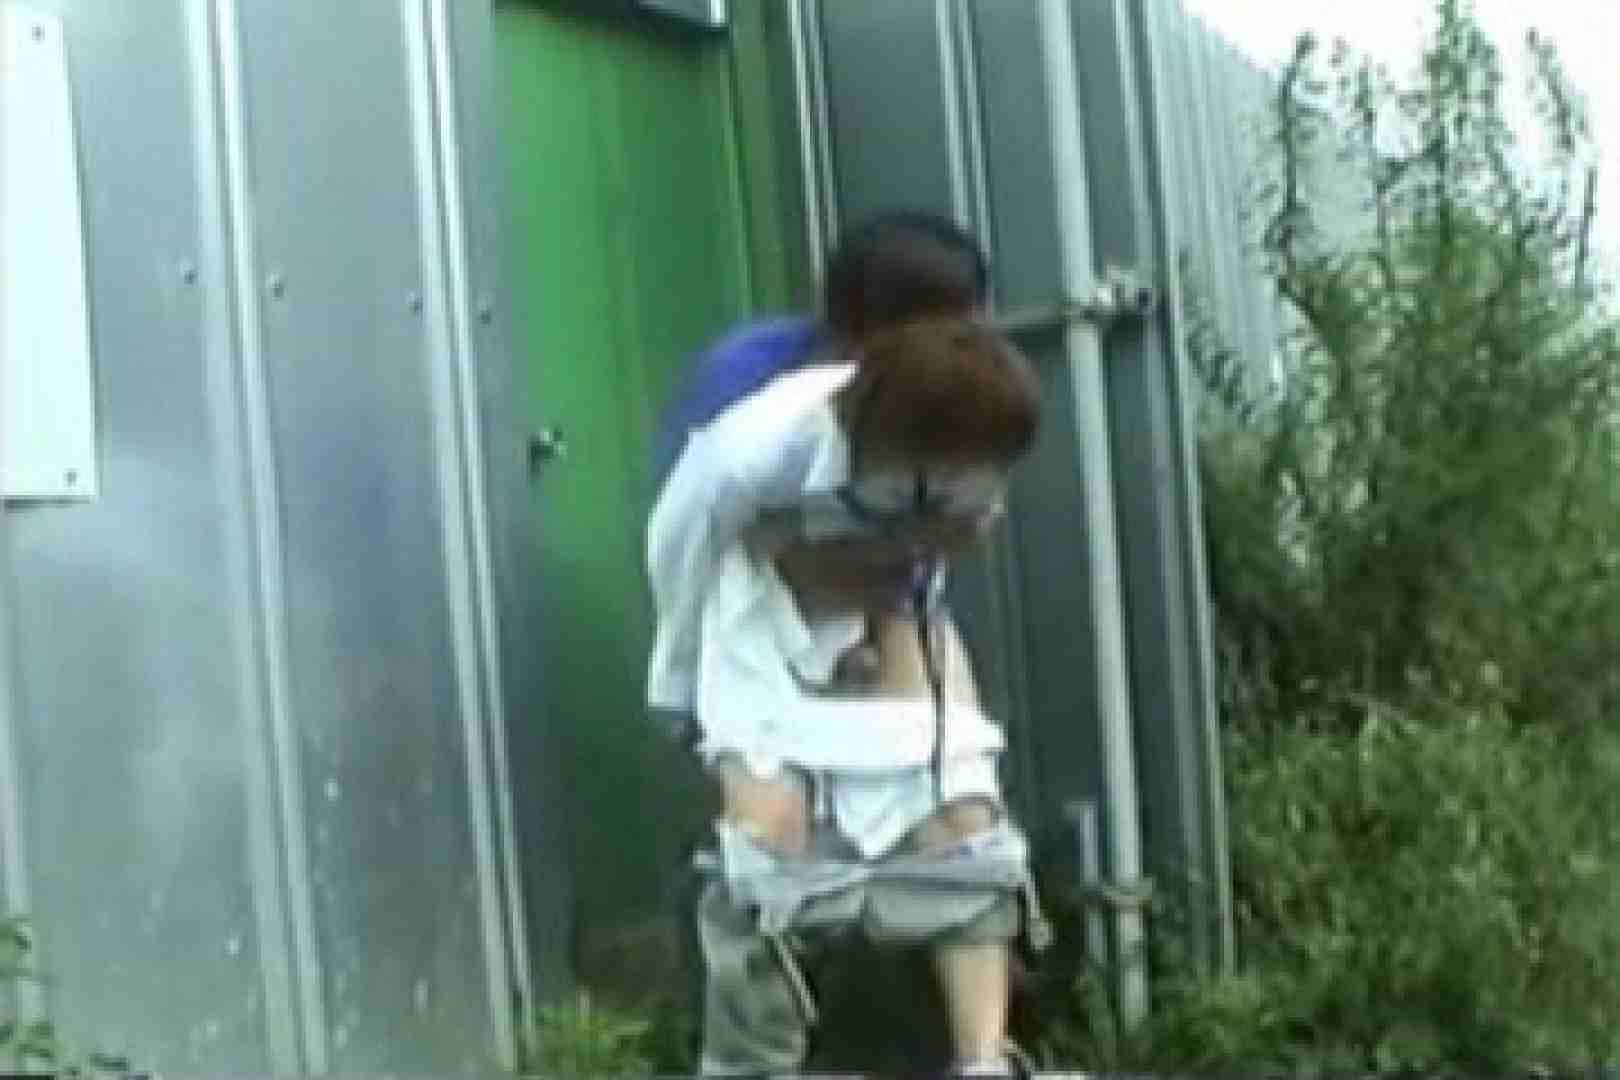 【流出】知られざる僕の秘密…vol.04 野外露出動画 ゲイエロ動画 107pic 18